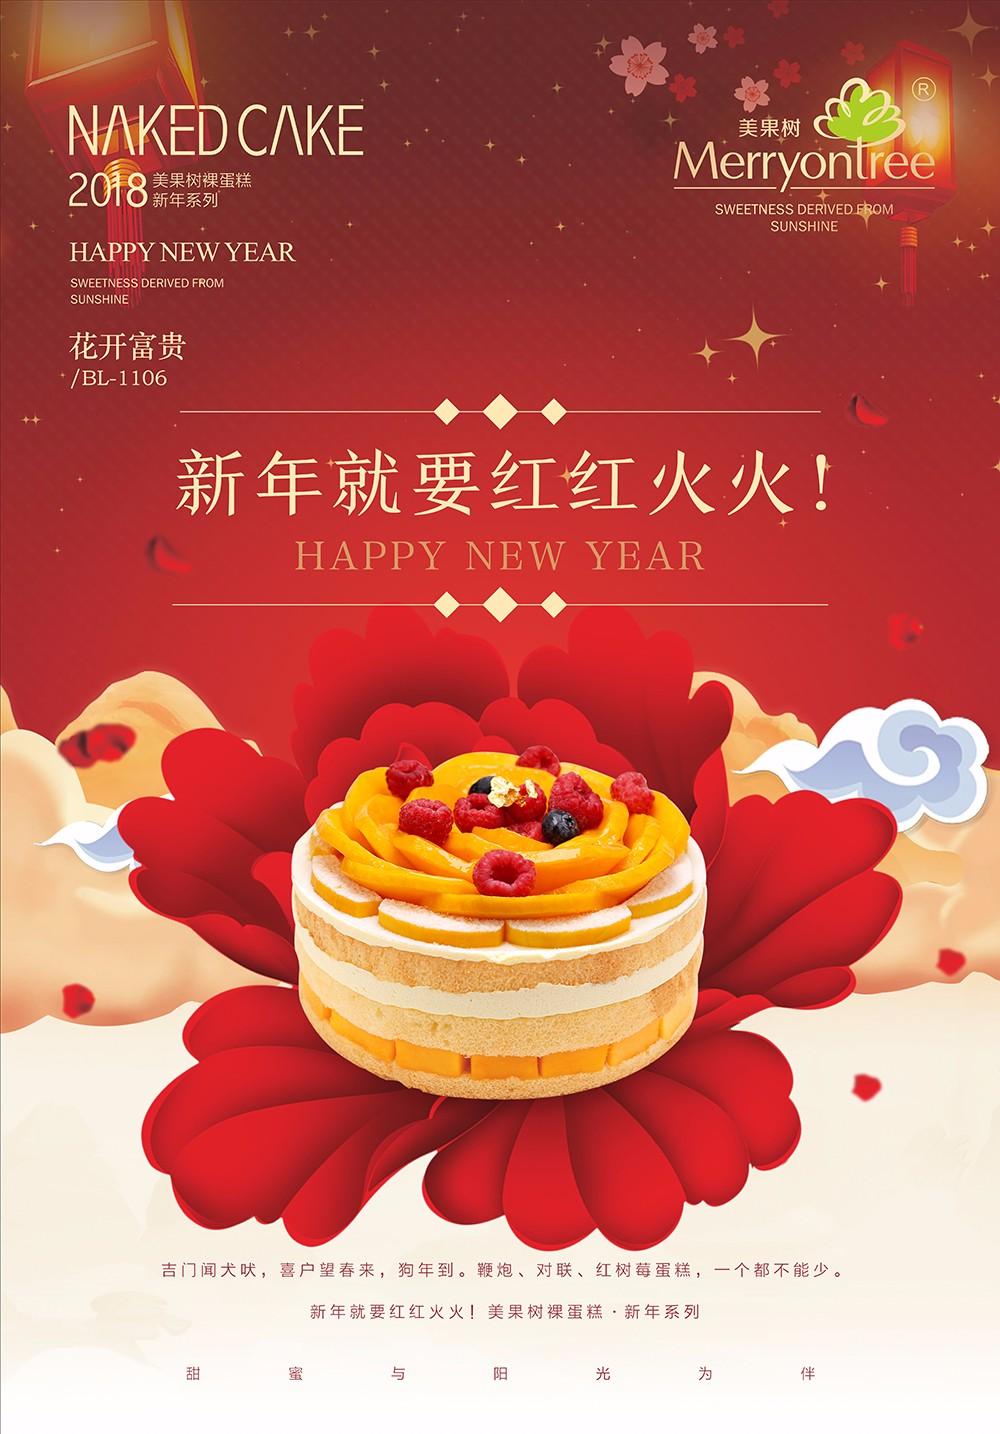 美果树裸蛋糕 · 新年海报